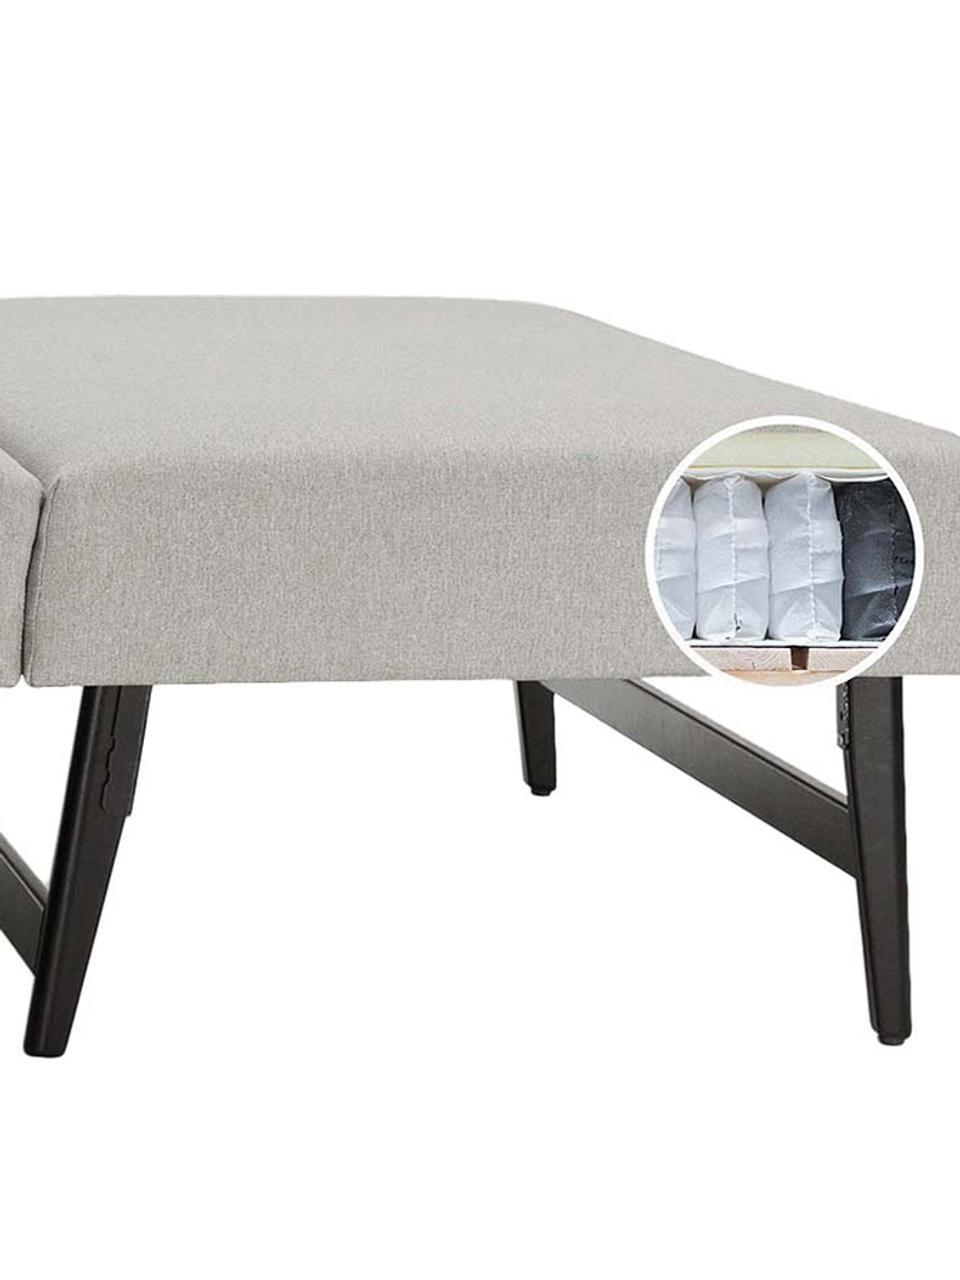 Schlafsofa Bruno (3-Sitzer) in Hellgrau, ausklappbar, Bezug: Pflegeleichtes robustes P, Rahmen: Massivholz, Webstoff Hellgrau, B 200 x T 84 cm